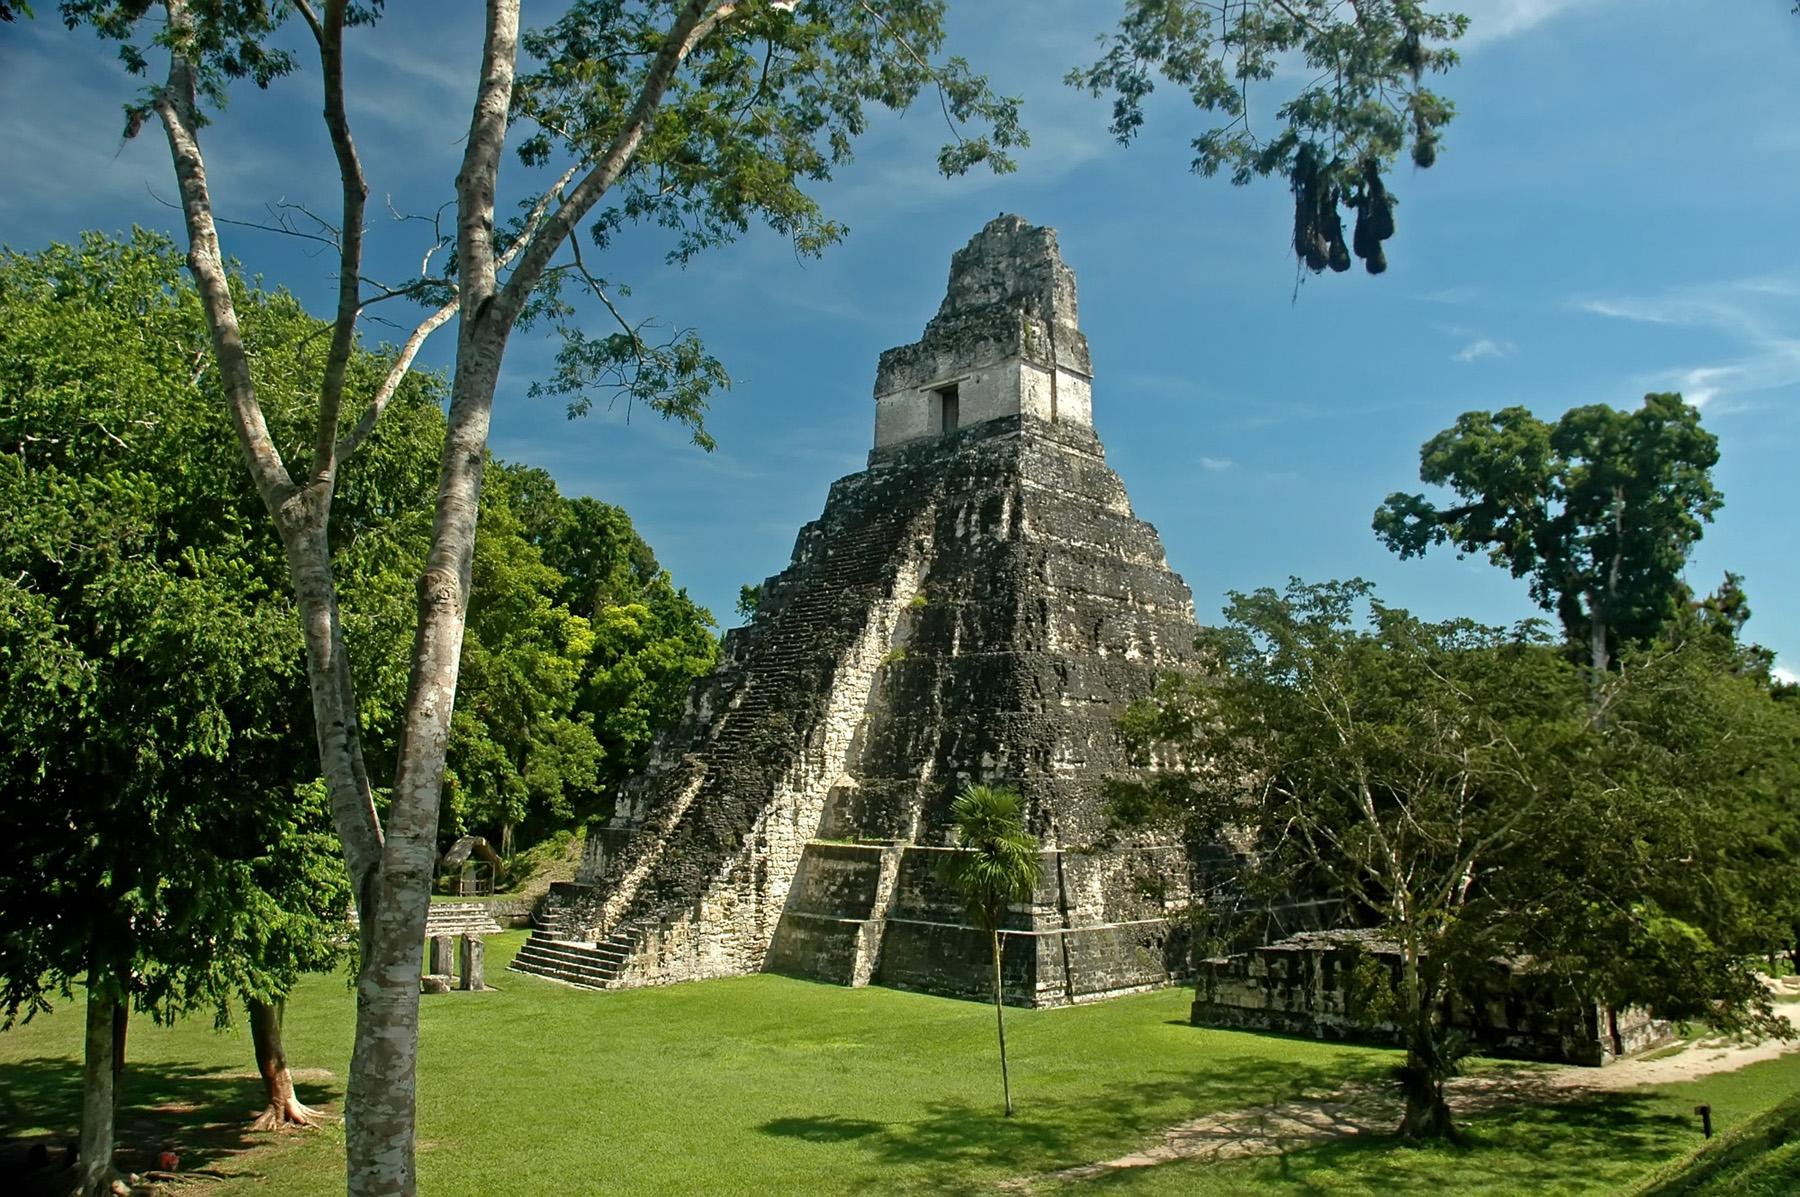 Tikal Guatemala - Beautiful Places to VisitBeautiful Places to Visit